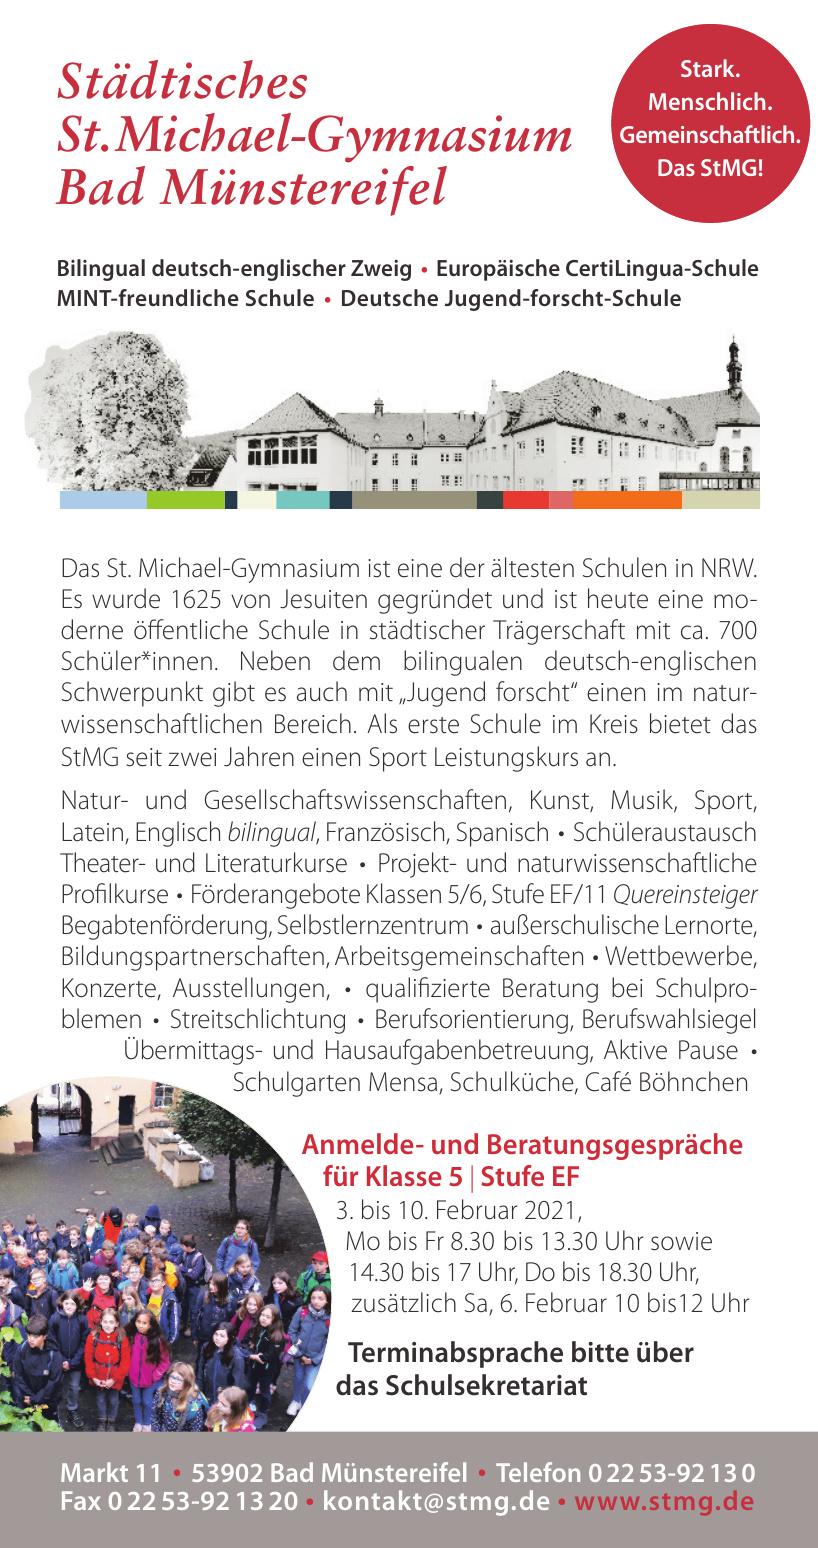 Städtisches St. Michael-Gymnasium Bad Münstereifel